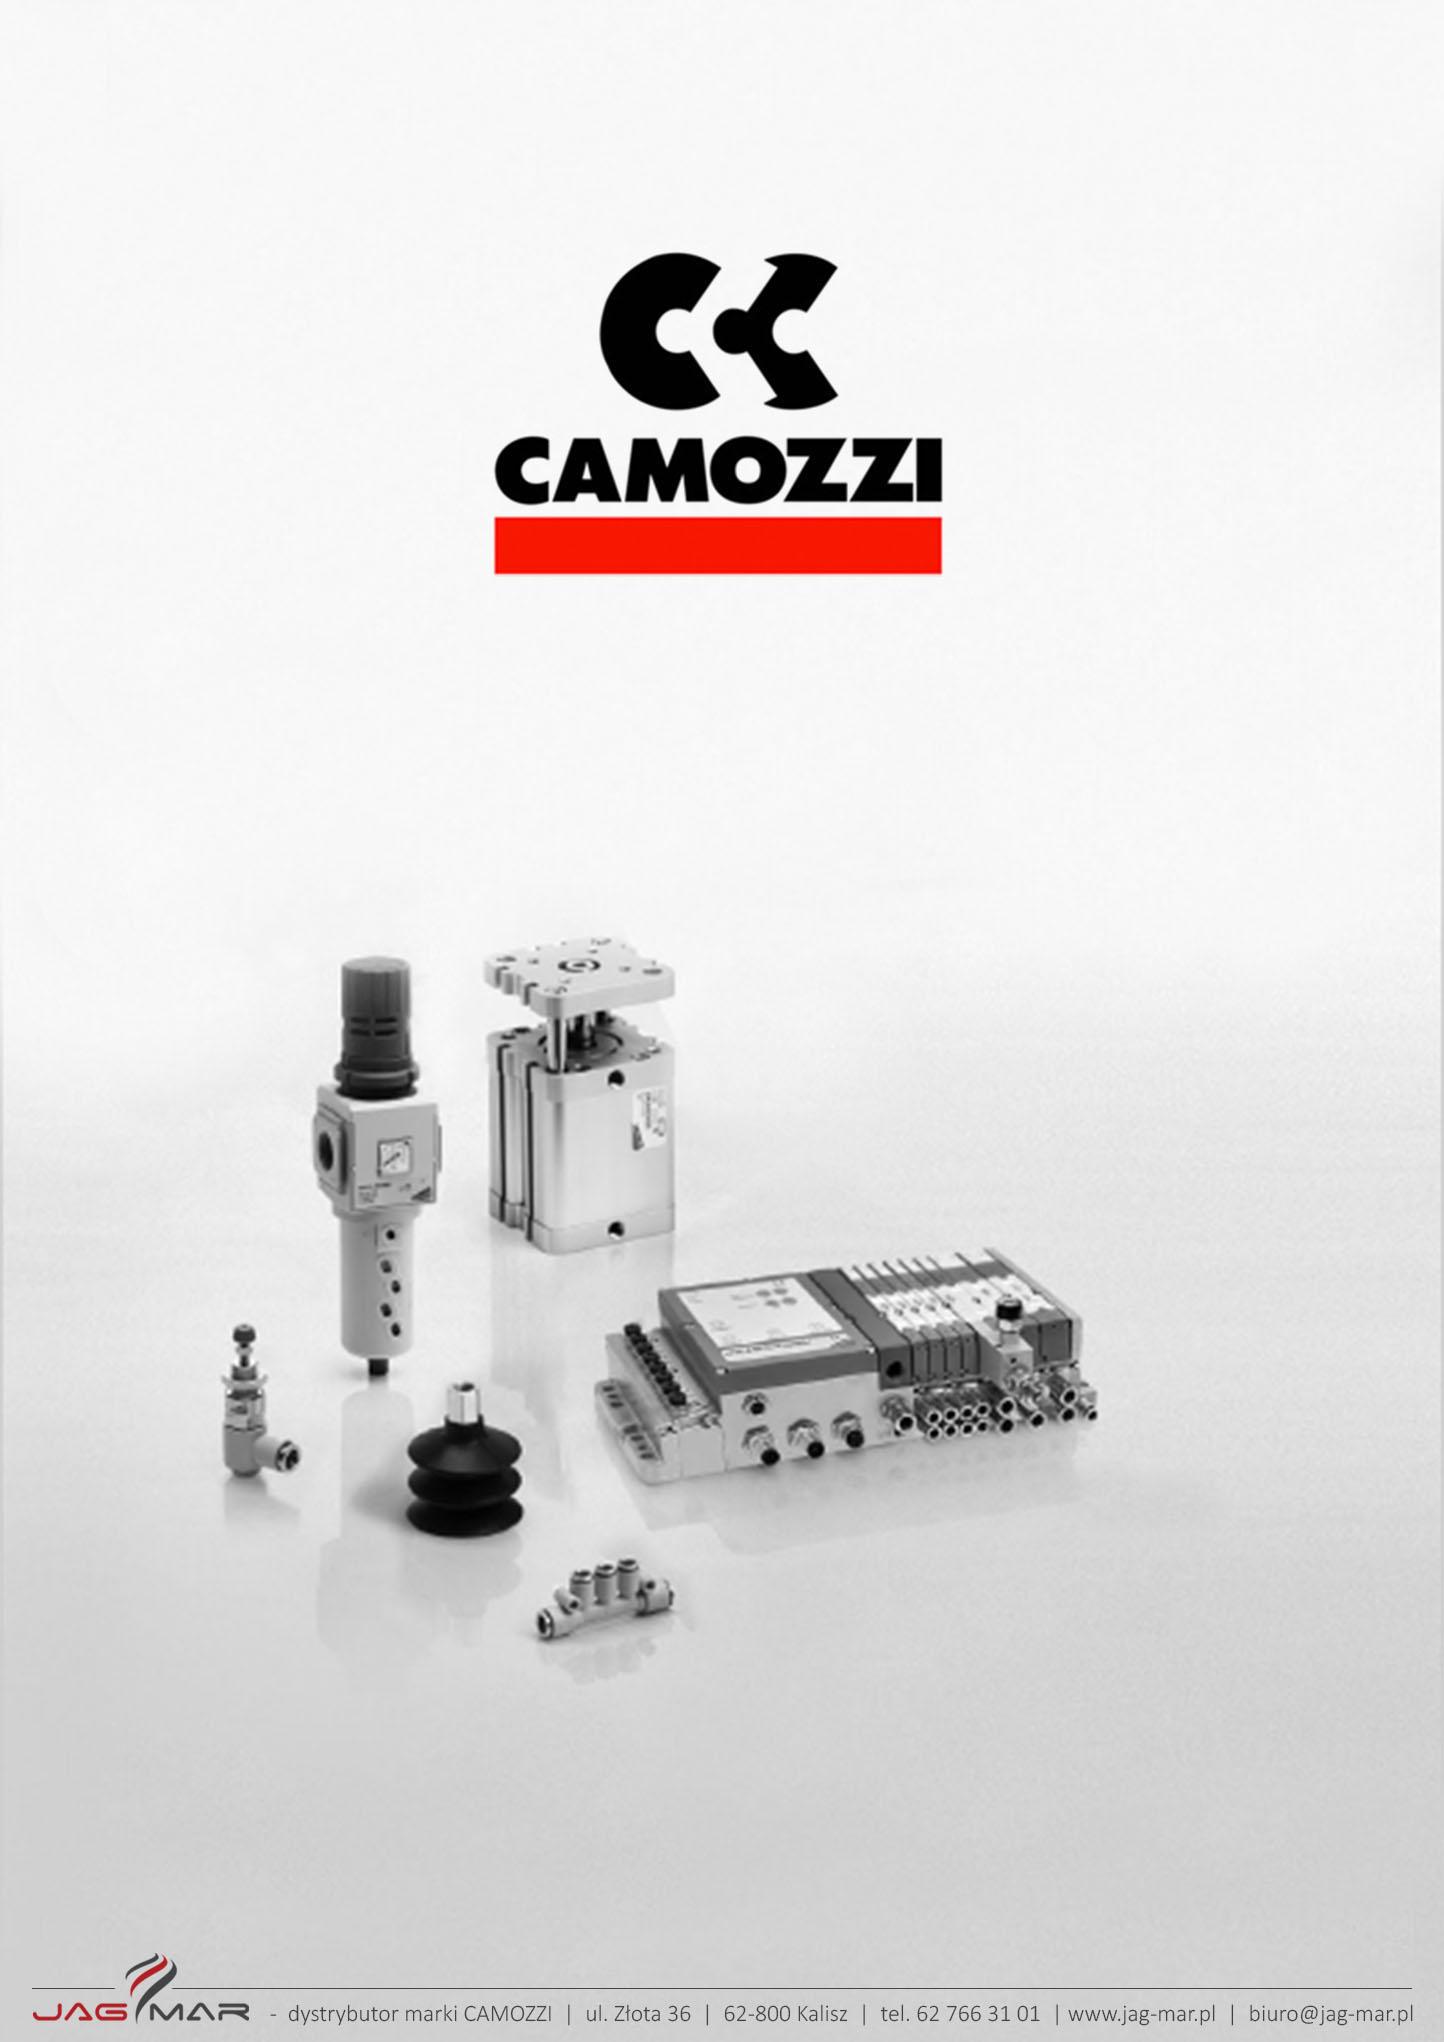 Katalog CAMOZZI